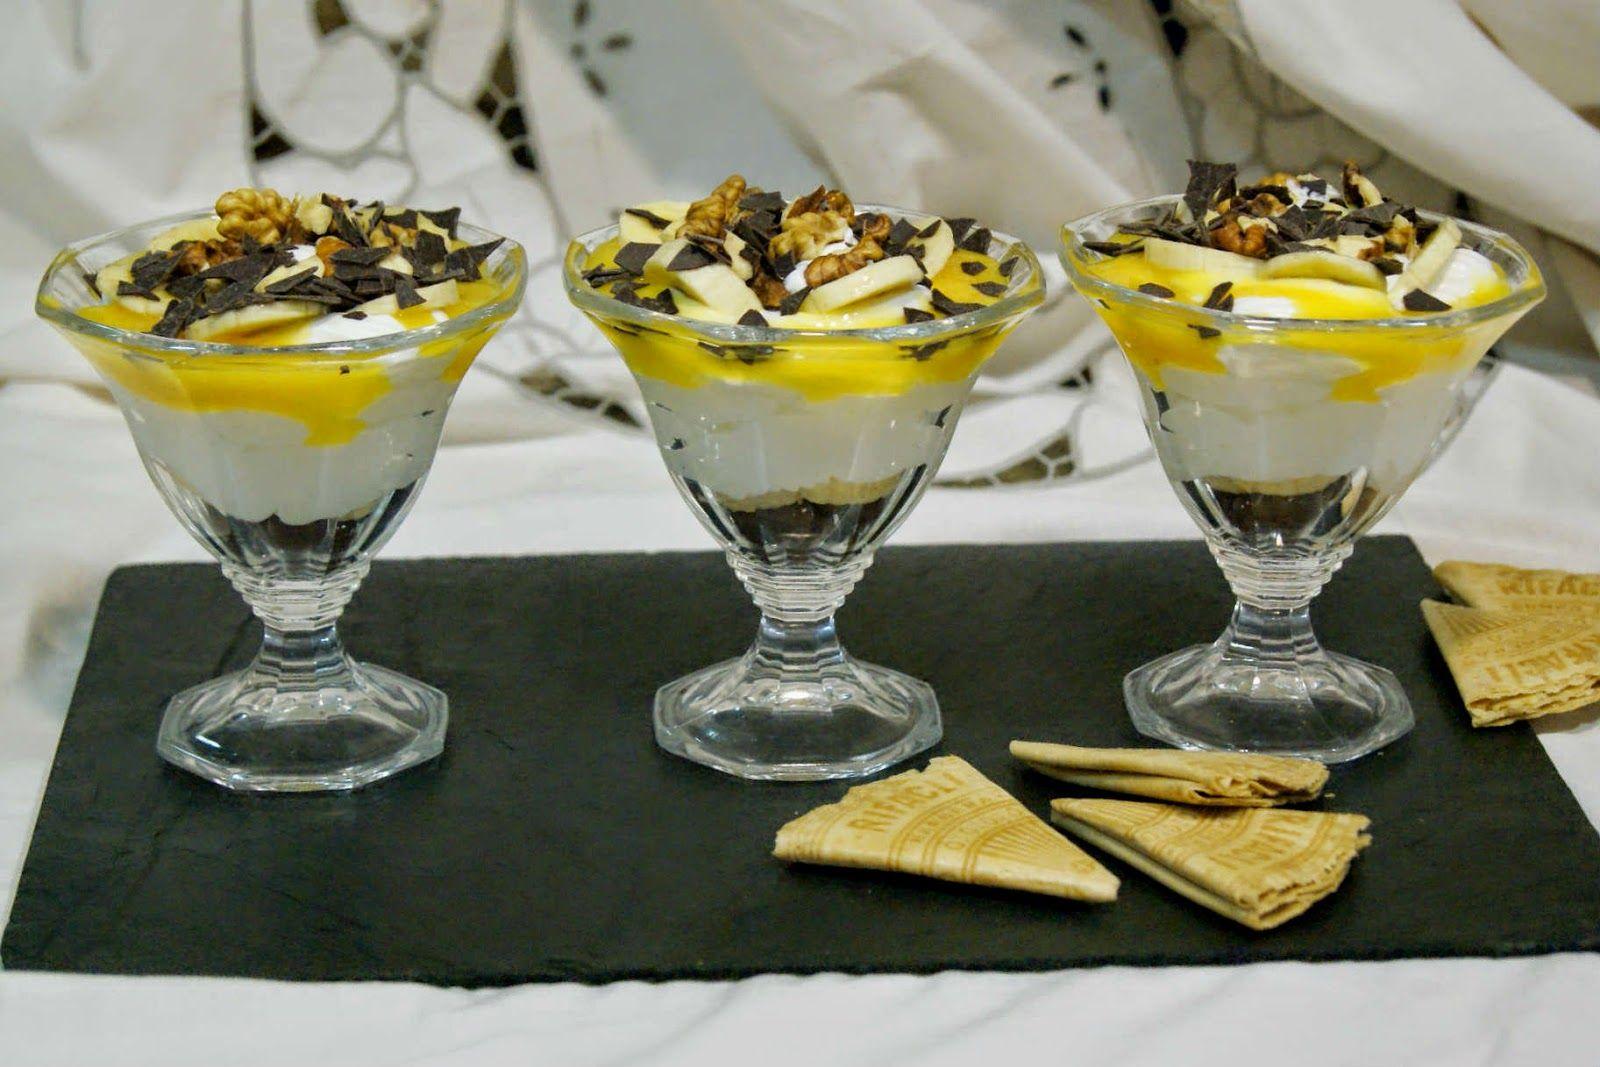 Éxito asegurado! Cocina Copa de nata con nueces y mandarina con esta receta paso a paso y sorprende a tu familia. Recetas fáciles para cocinar rico y variado con poco dinero.